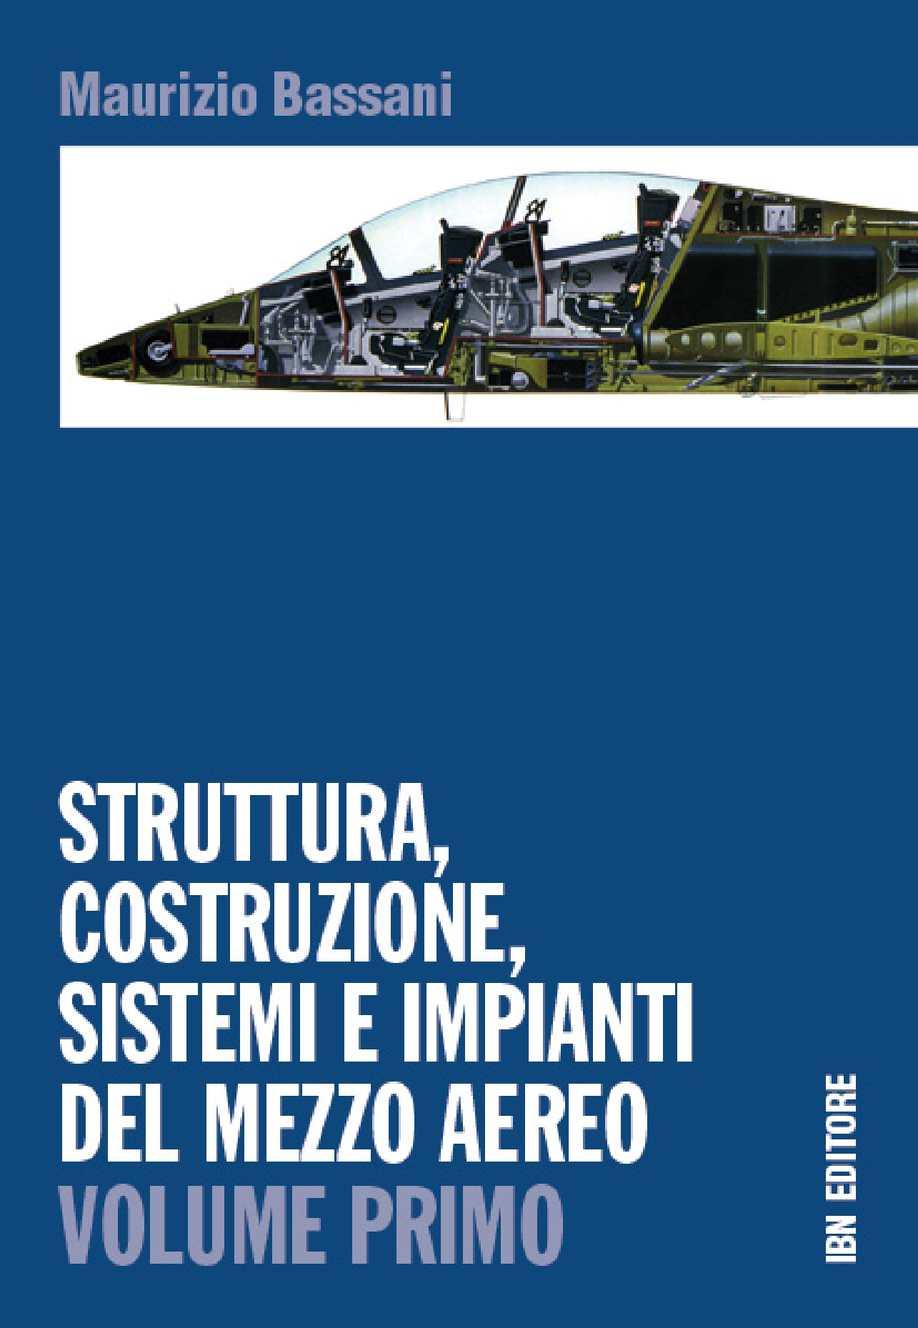 Bassani, Struttura, Costruzione, Sistemi e Impianti del mezzo aereo